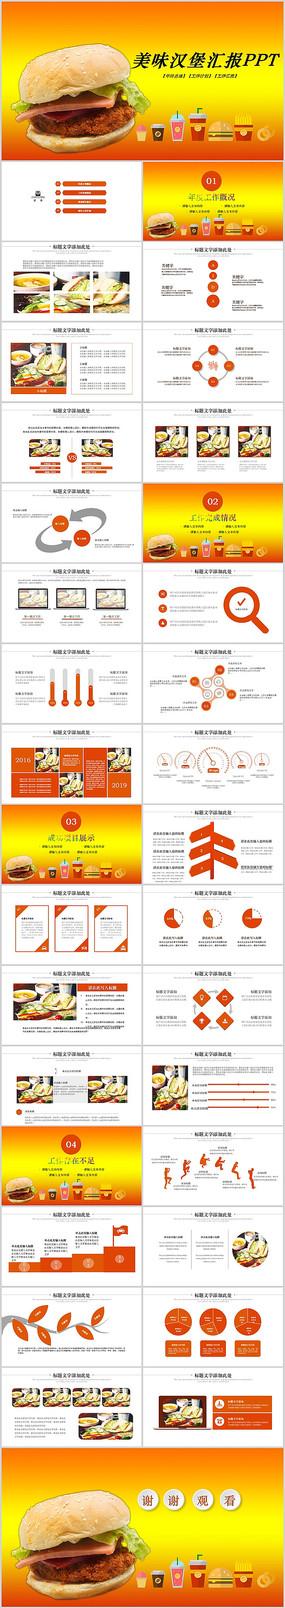 汉堡包西式快餐汉堡宣传ppt